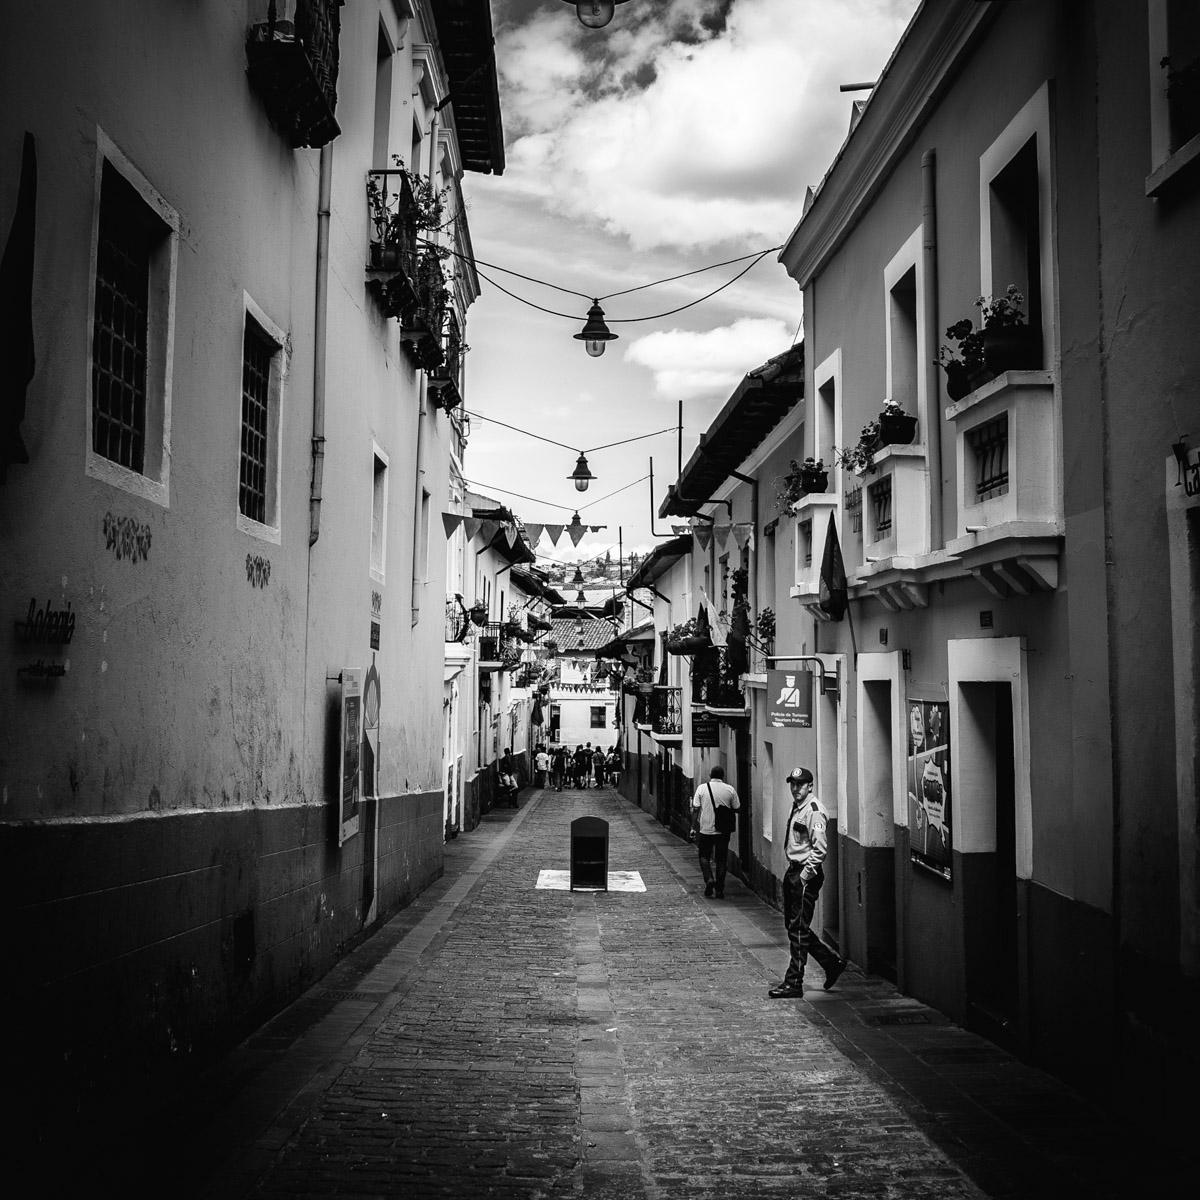 Rue La Ronda, Quito